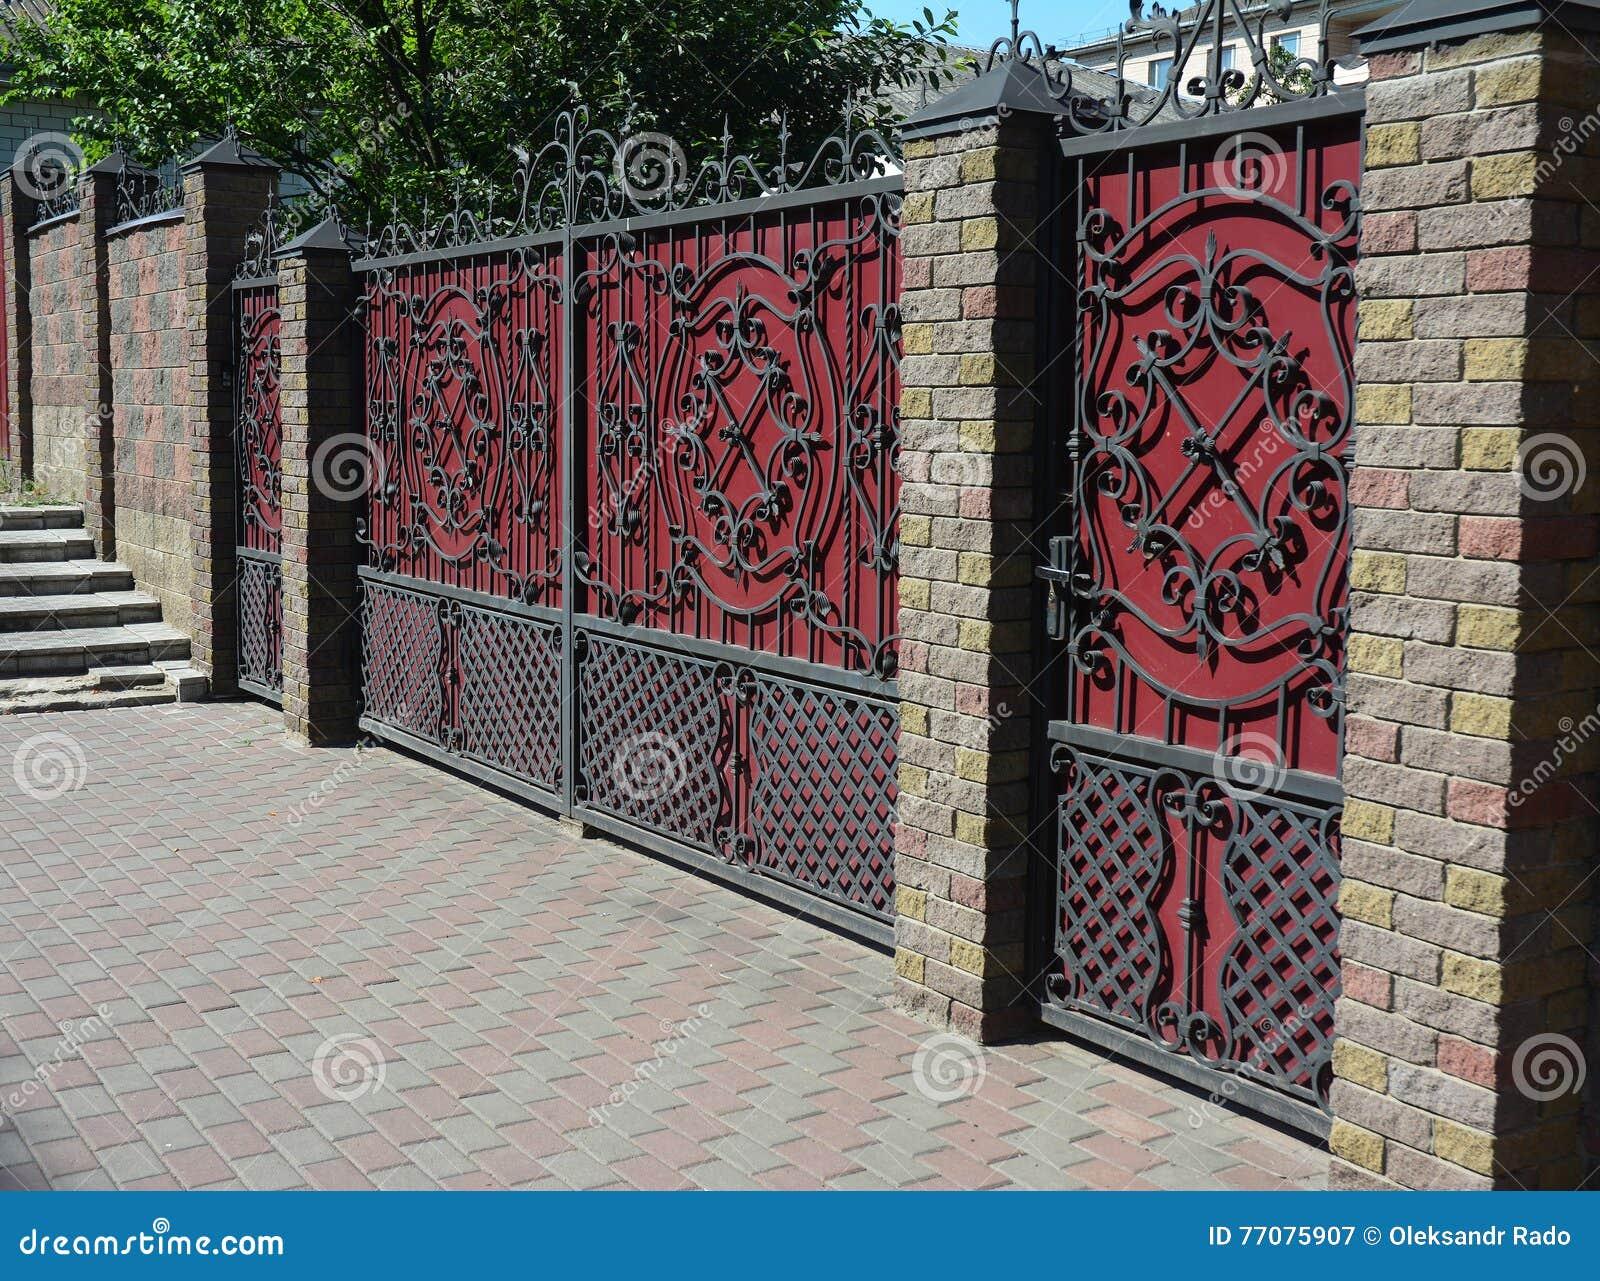 Brick fences for fencing modern castles 51